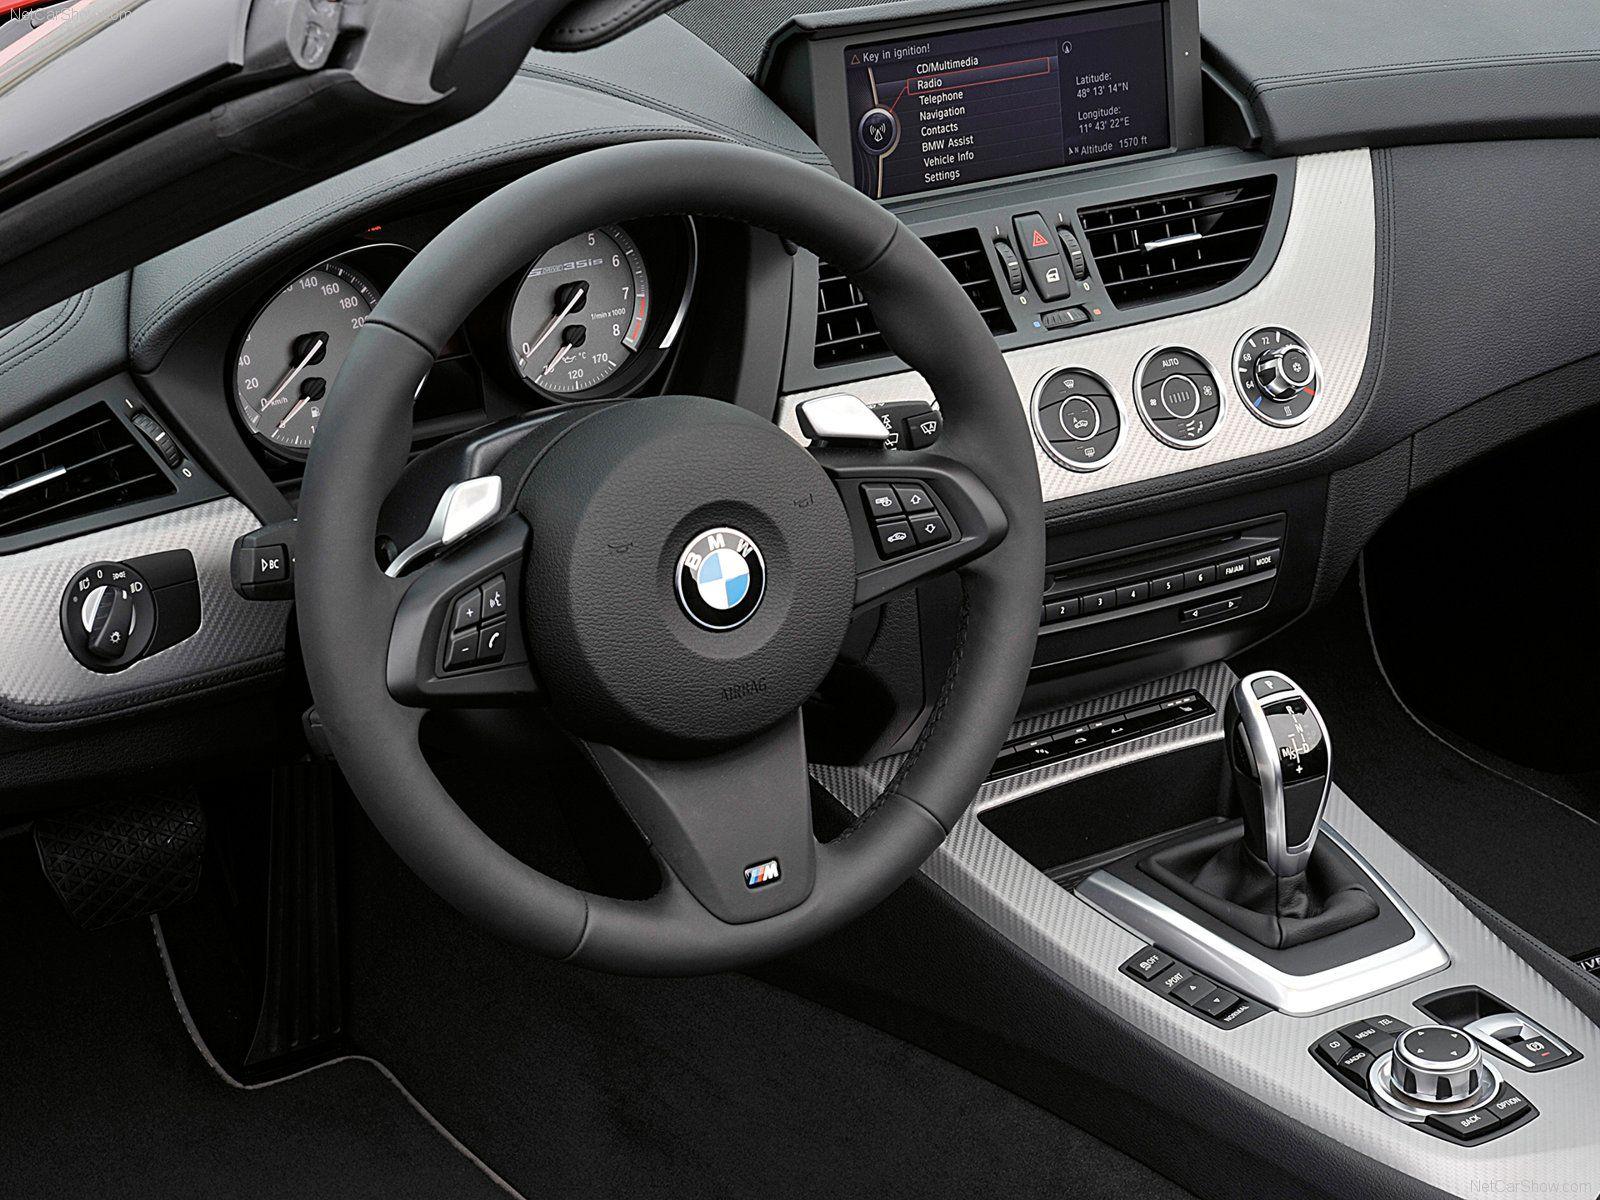 Bmw Z4 Interior Bmw Z4 Bmw Bmw 328i Xdrive